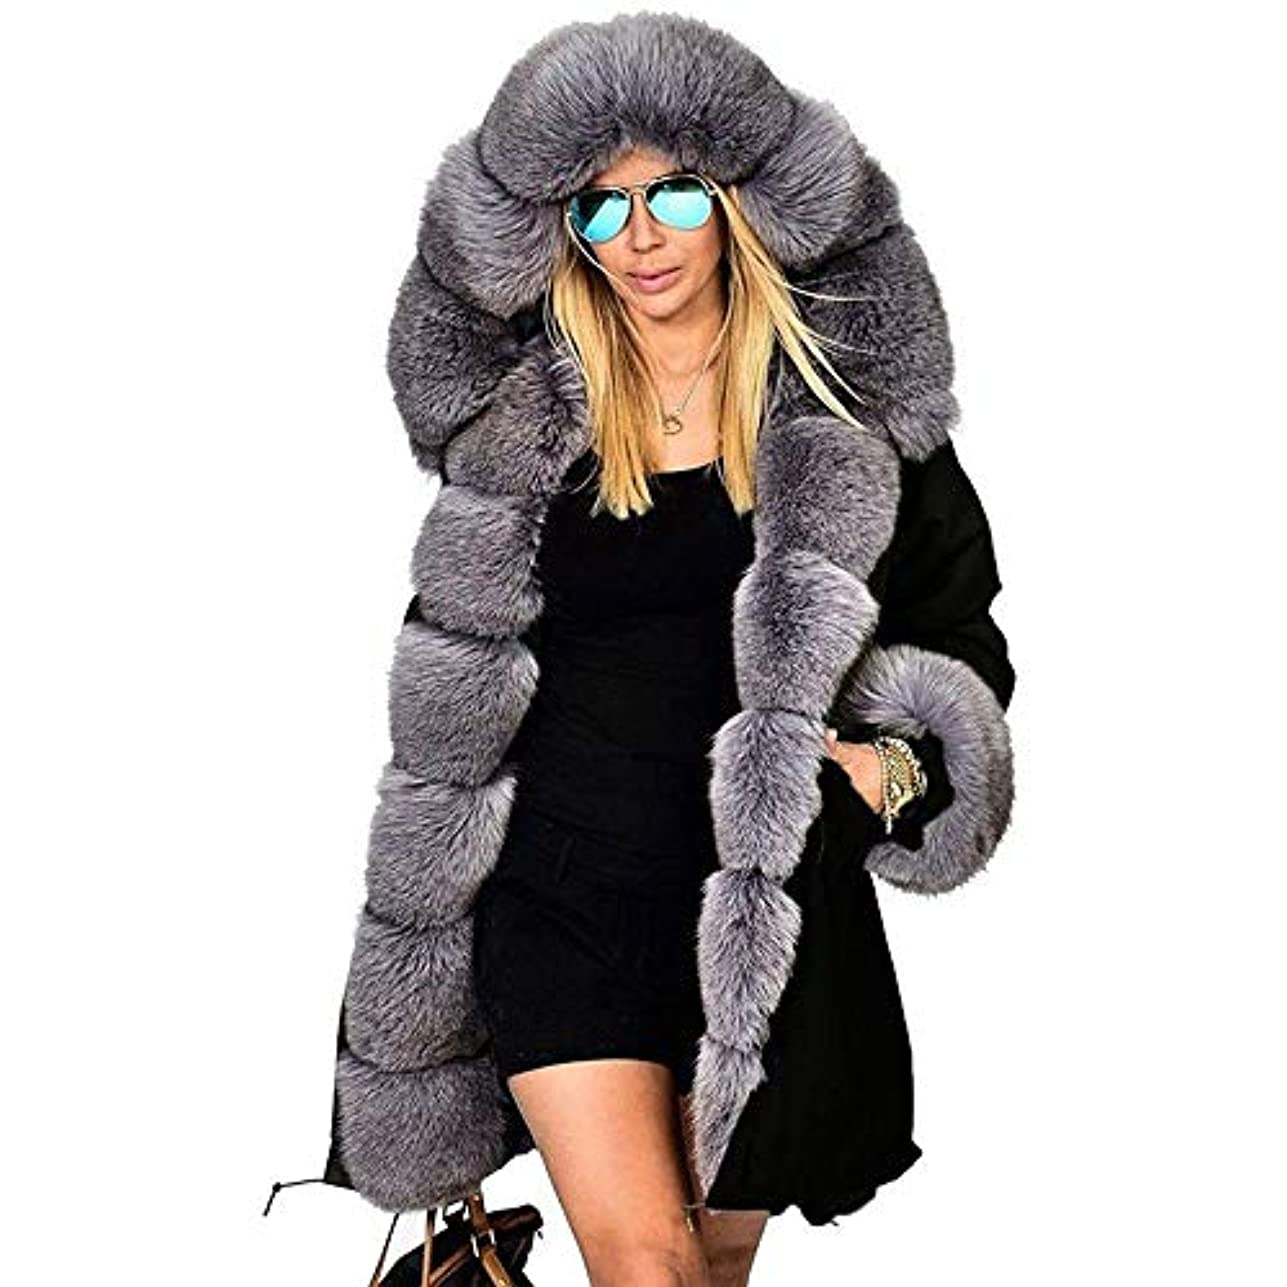 最初お気に入り採用ファッションウィメンズジャケット女性ウォームコートフェイクファーコットンオーバーコート女性ロングフードコートパーカー,XXL